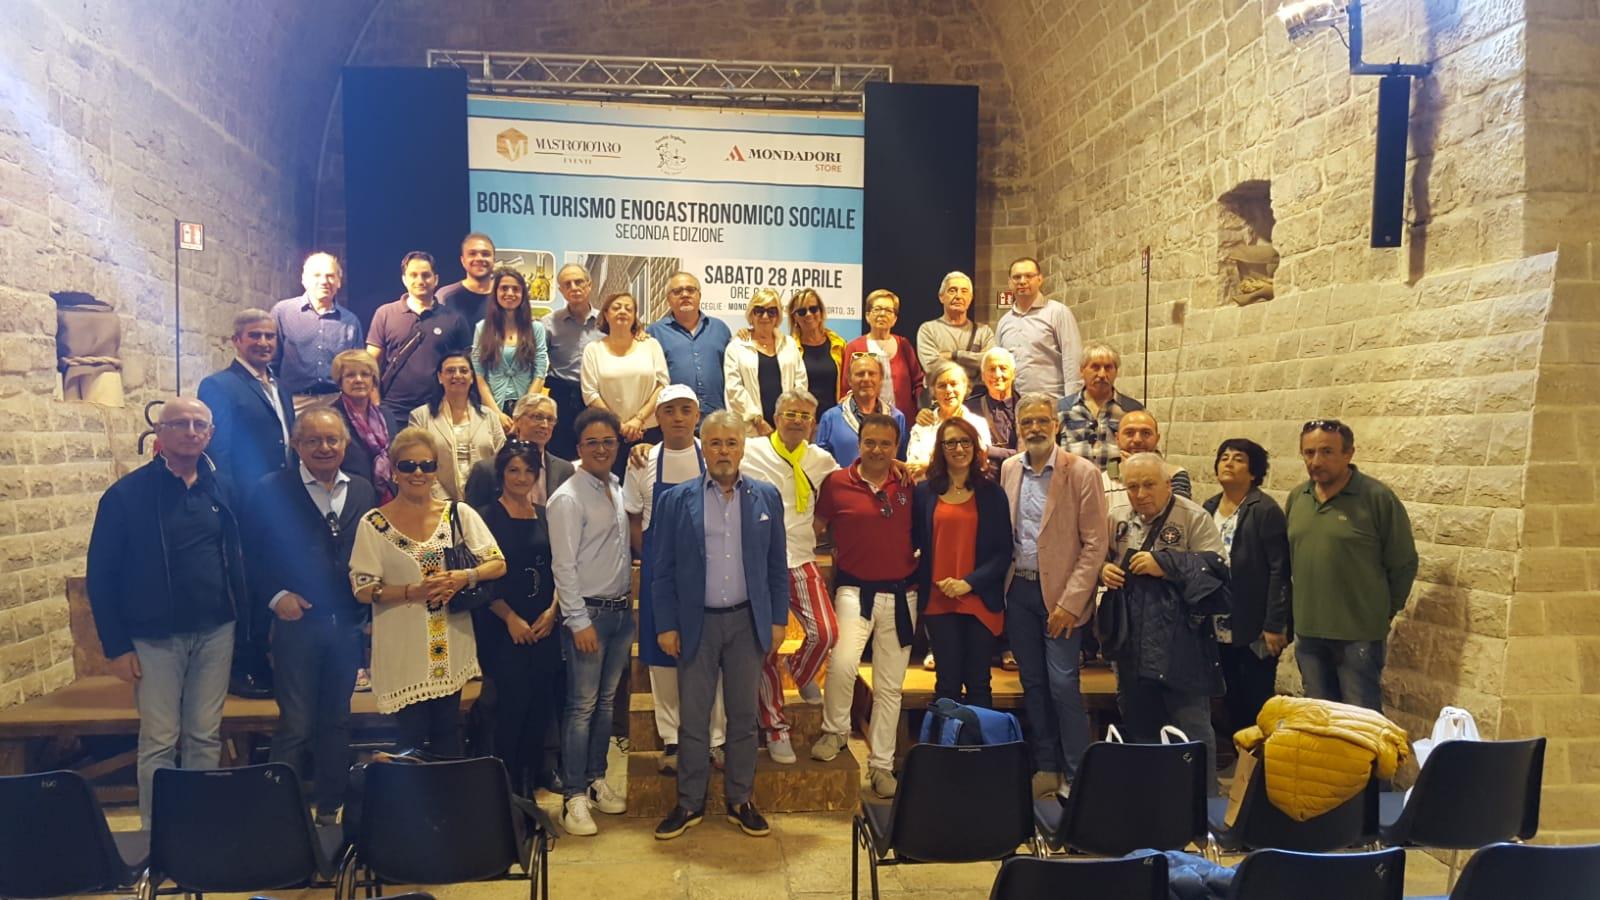 Borsa Turismo Enogastronomico Sociale: partecipazione e consensi da buyer e Cral di tutta Italia